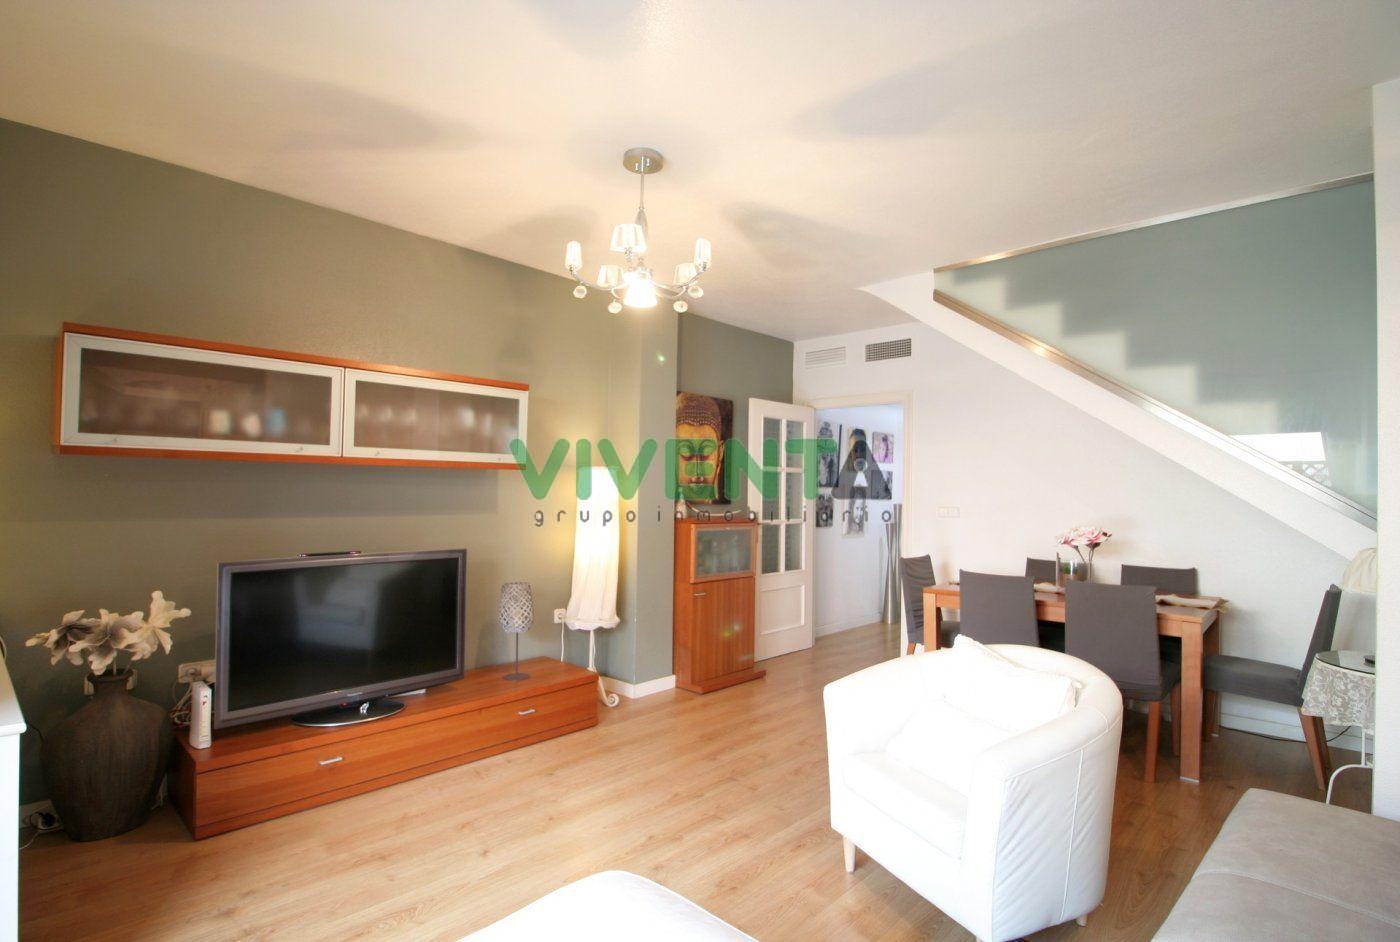 piso-tipo-duplex en murcia · el-ranero---san-basilio 237900€